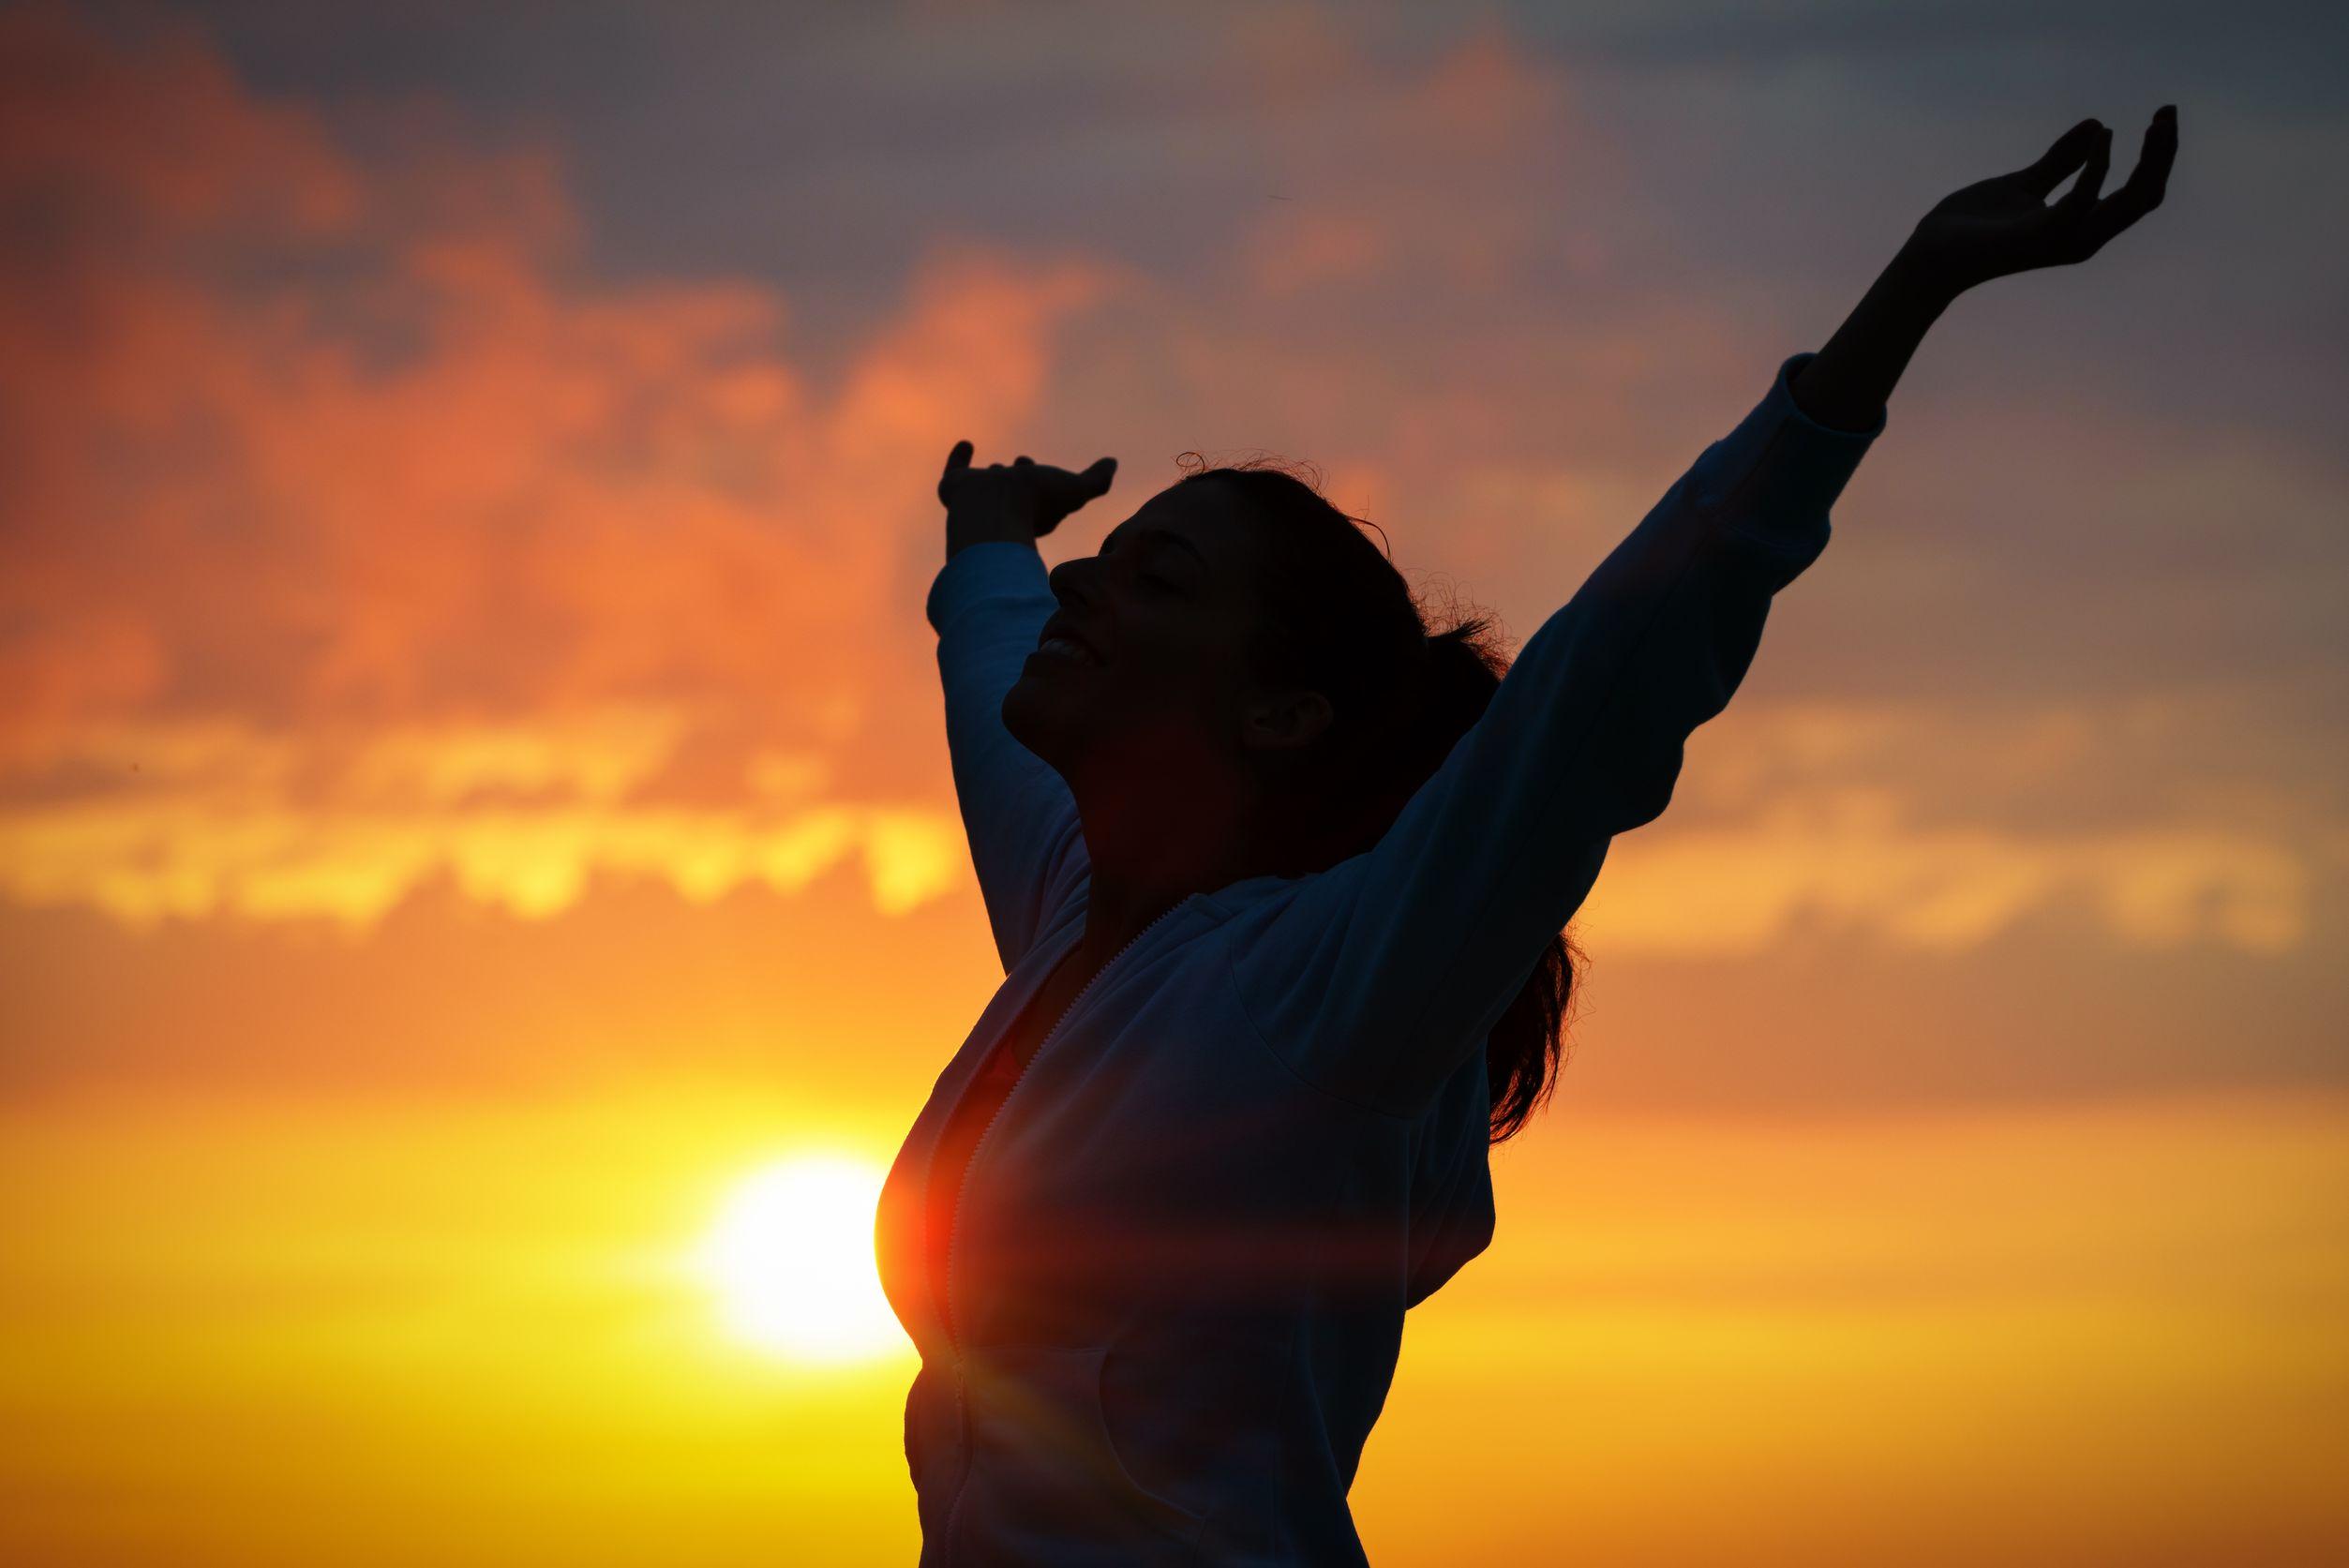 Mulher livre, levantando os braços ao pôr do sol dourado.